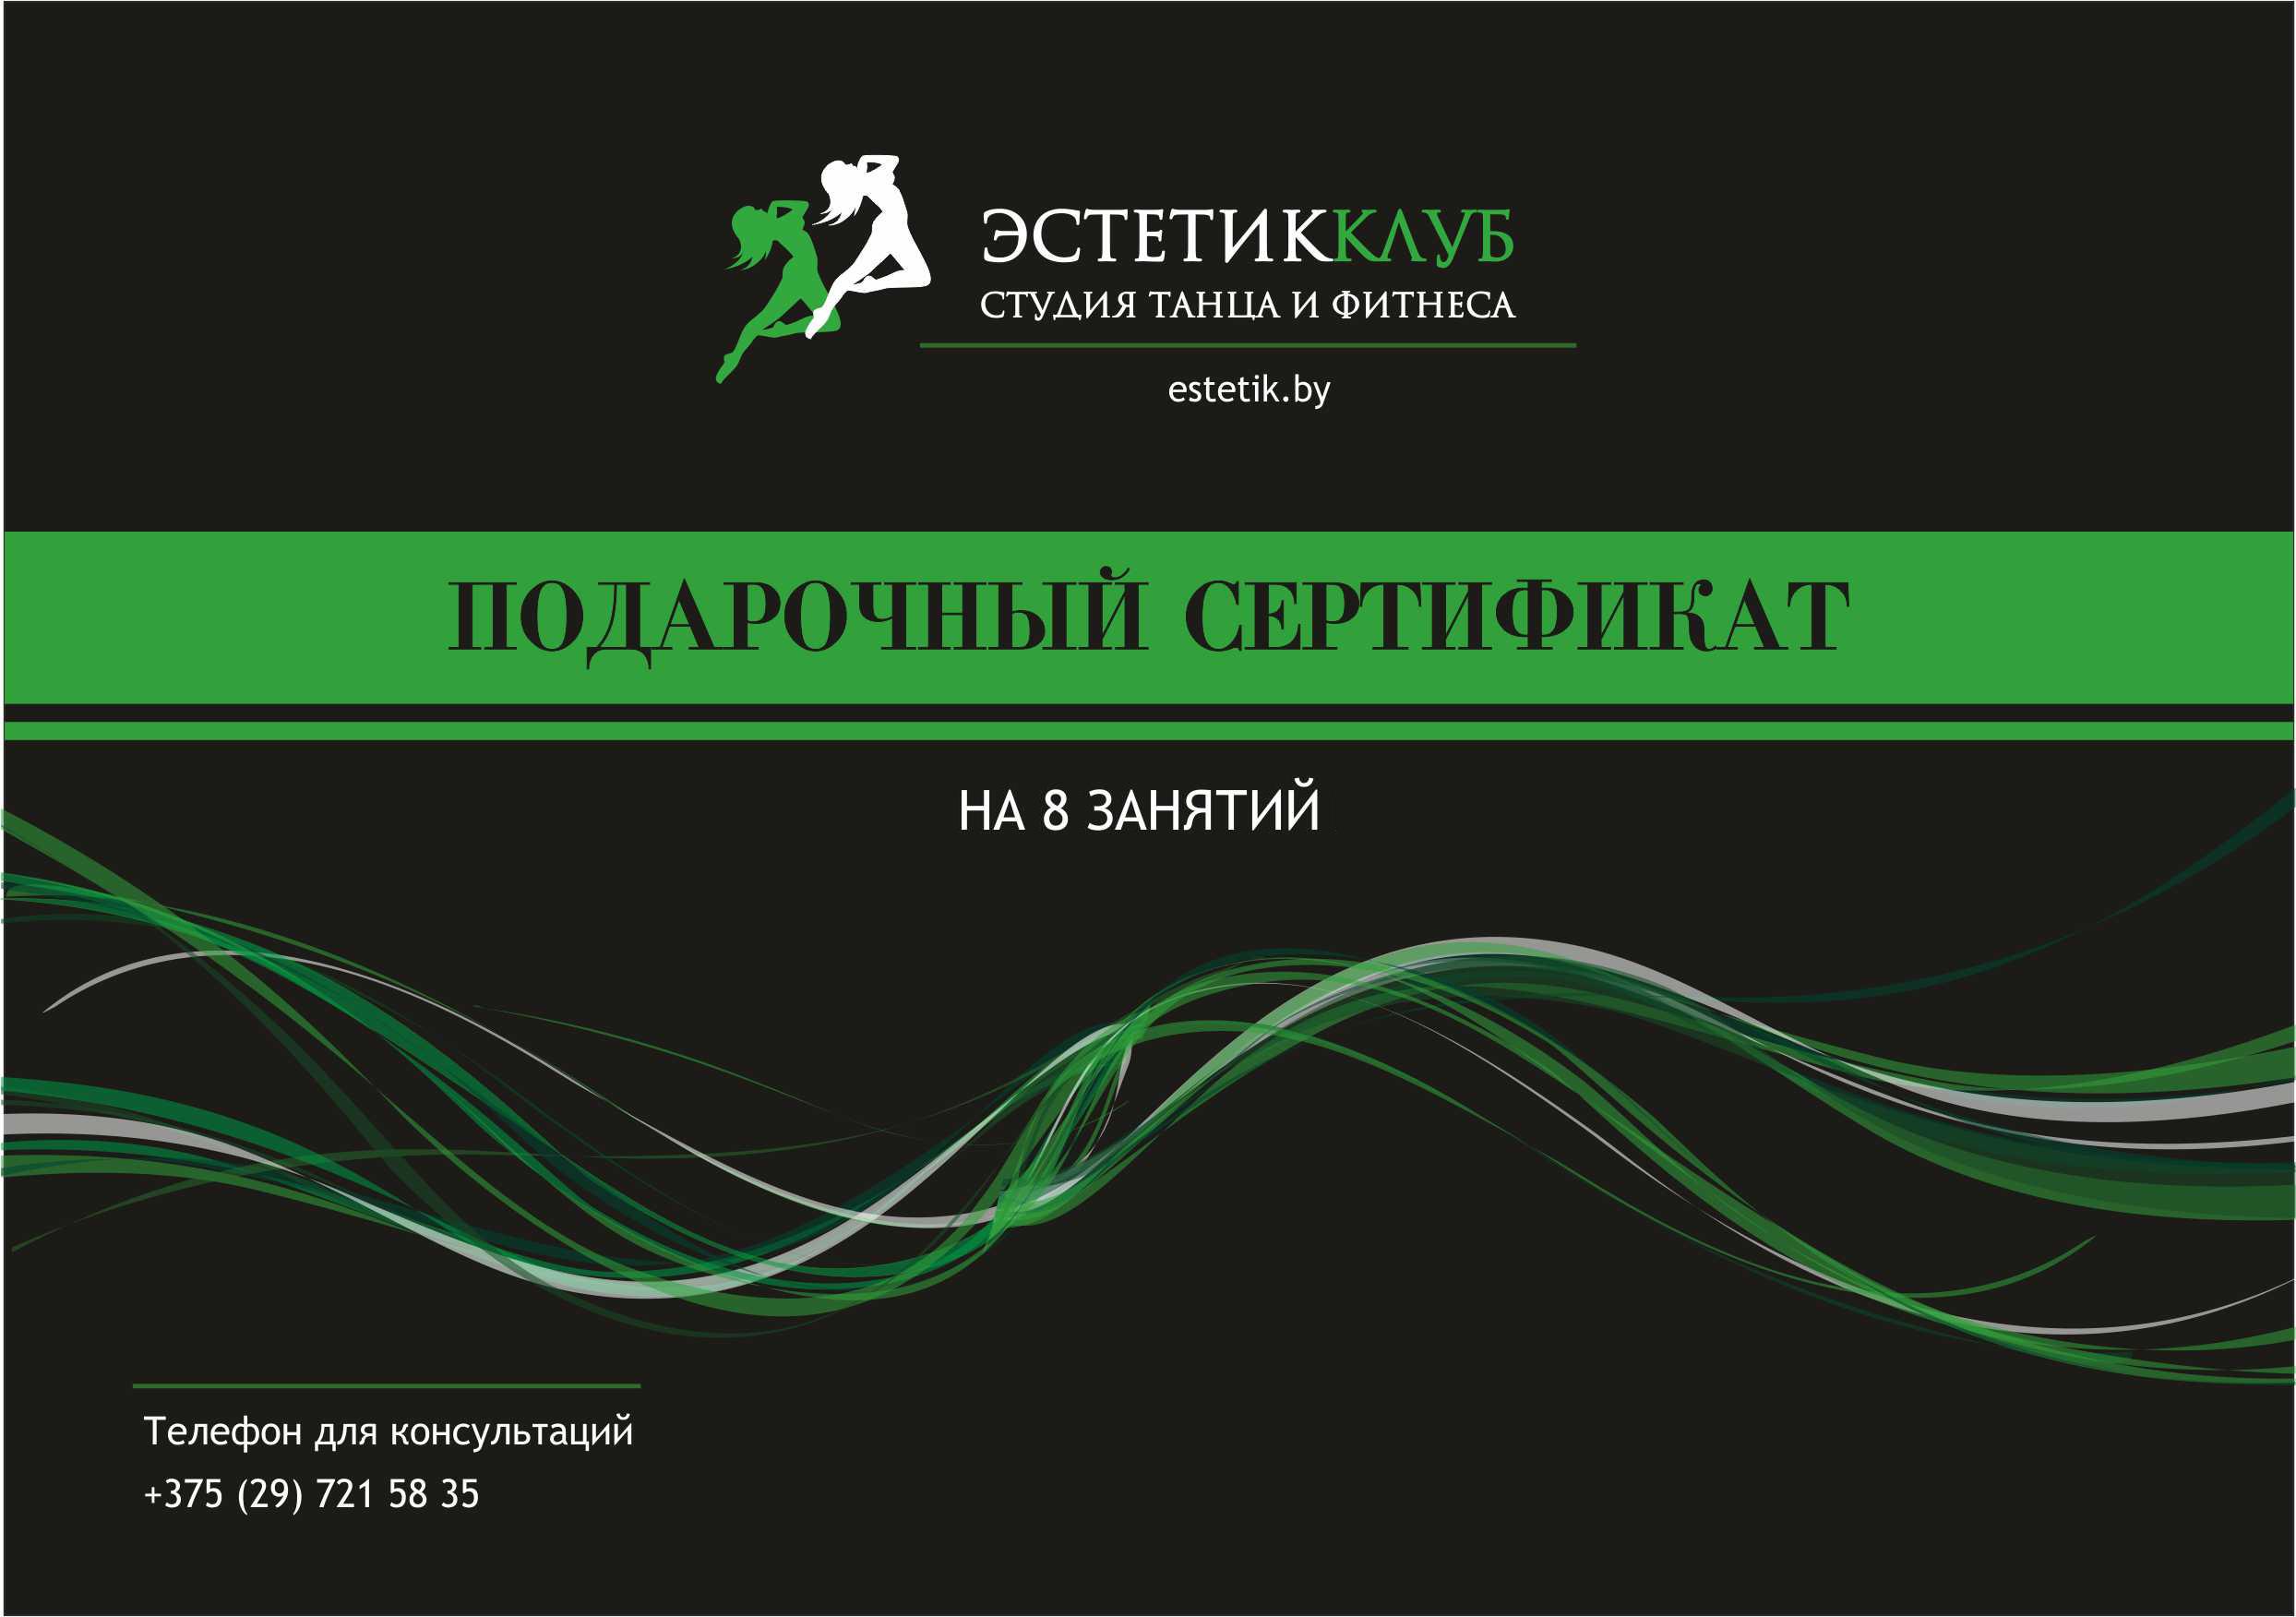 Сертификат_подарочный (2)